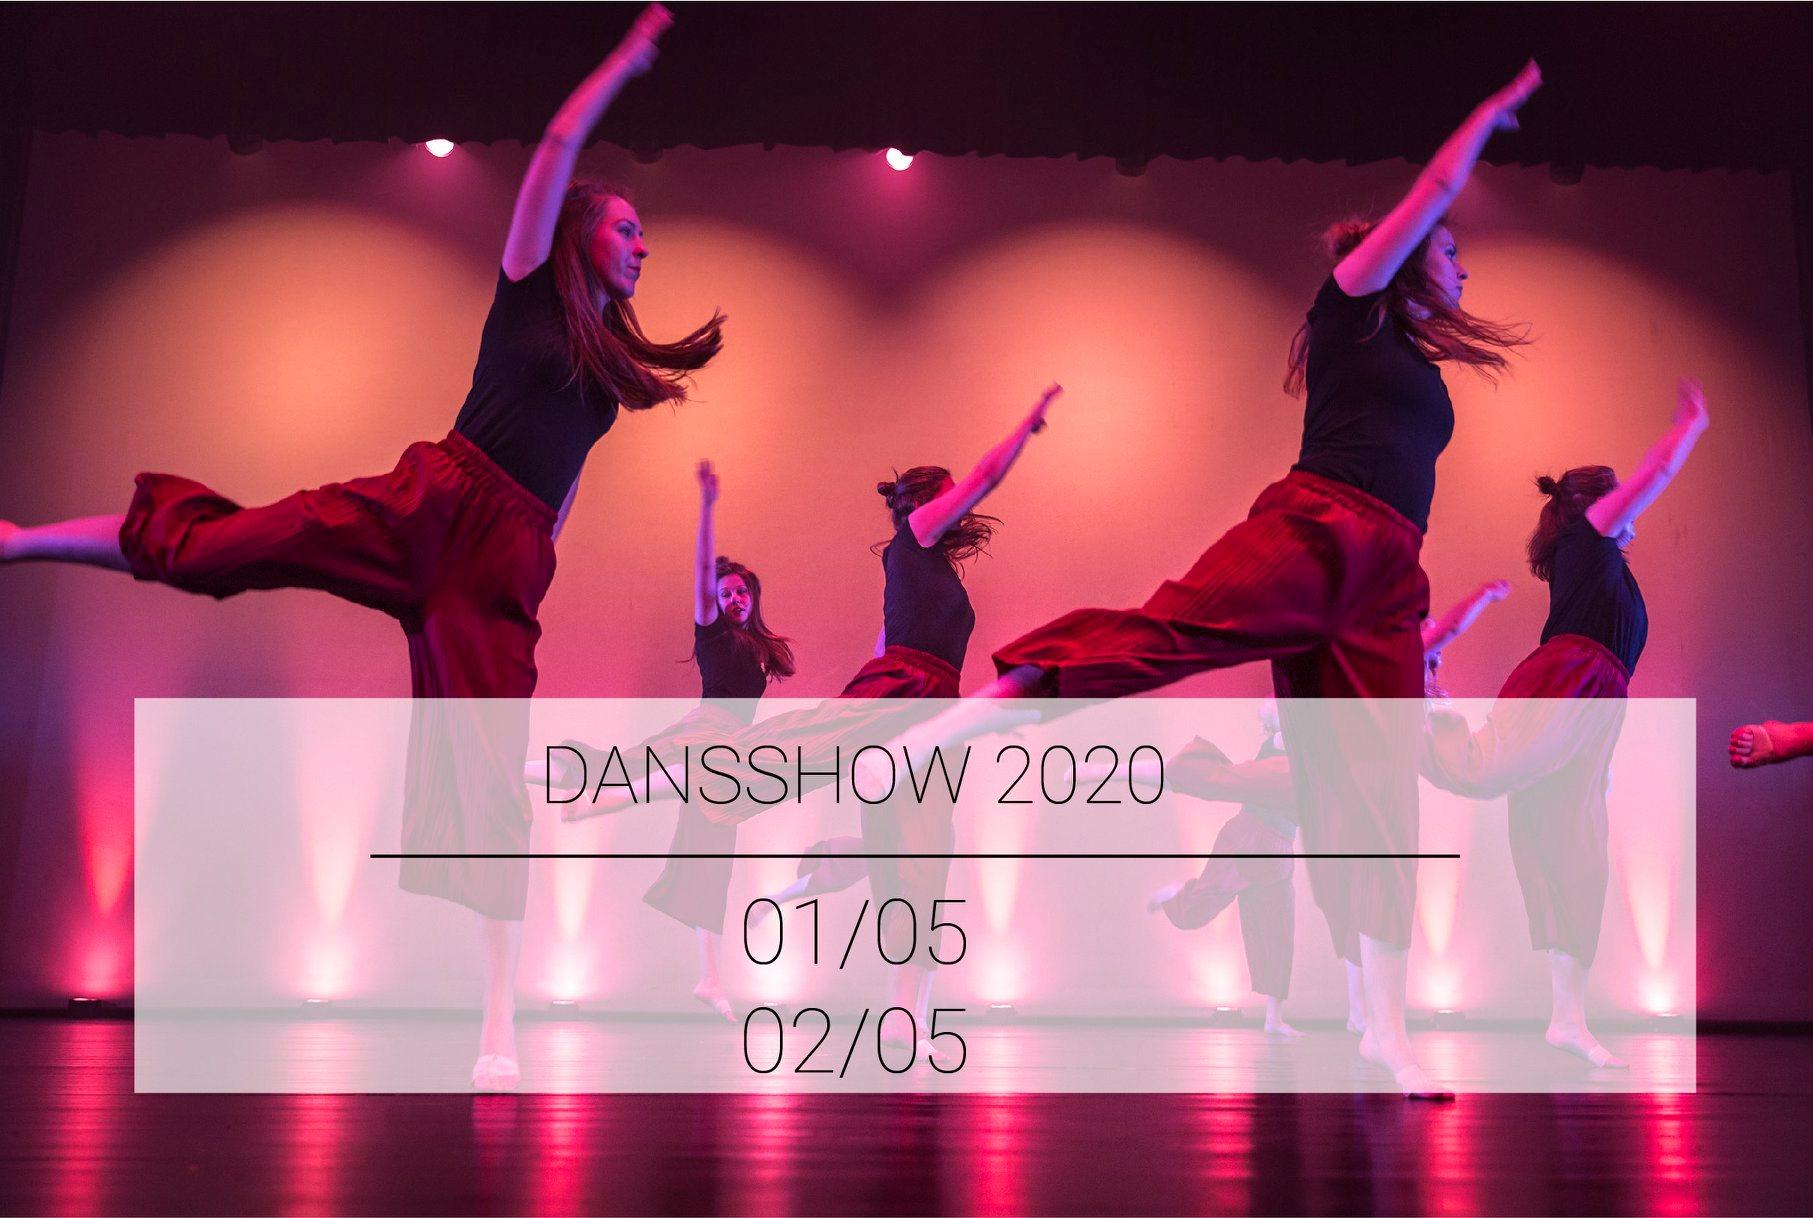 Dansshowvolgendjaar